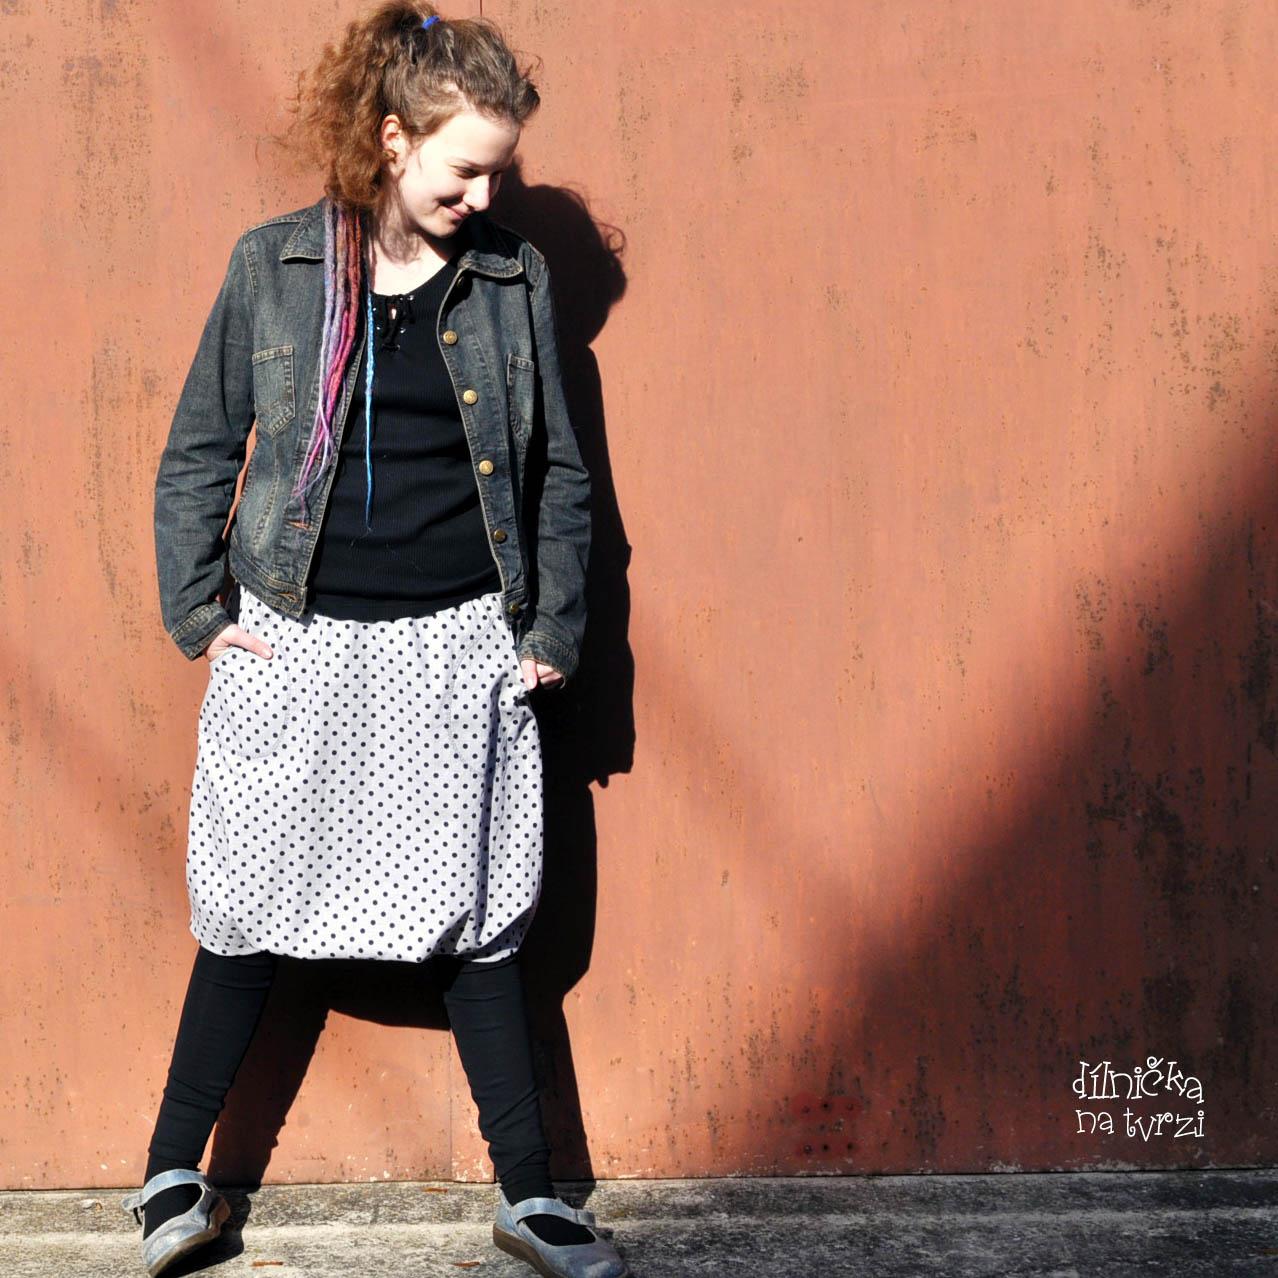 Puntíkované...turky sukně   Zboží prodejce Dílnička NA TVRZI  f024749686